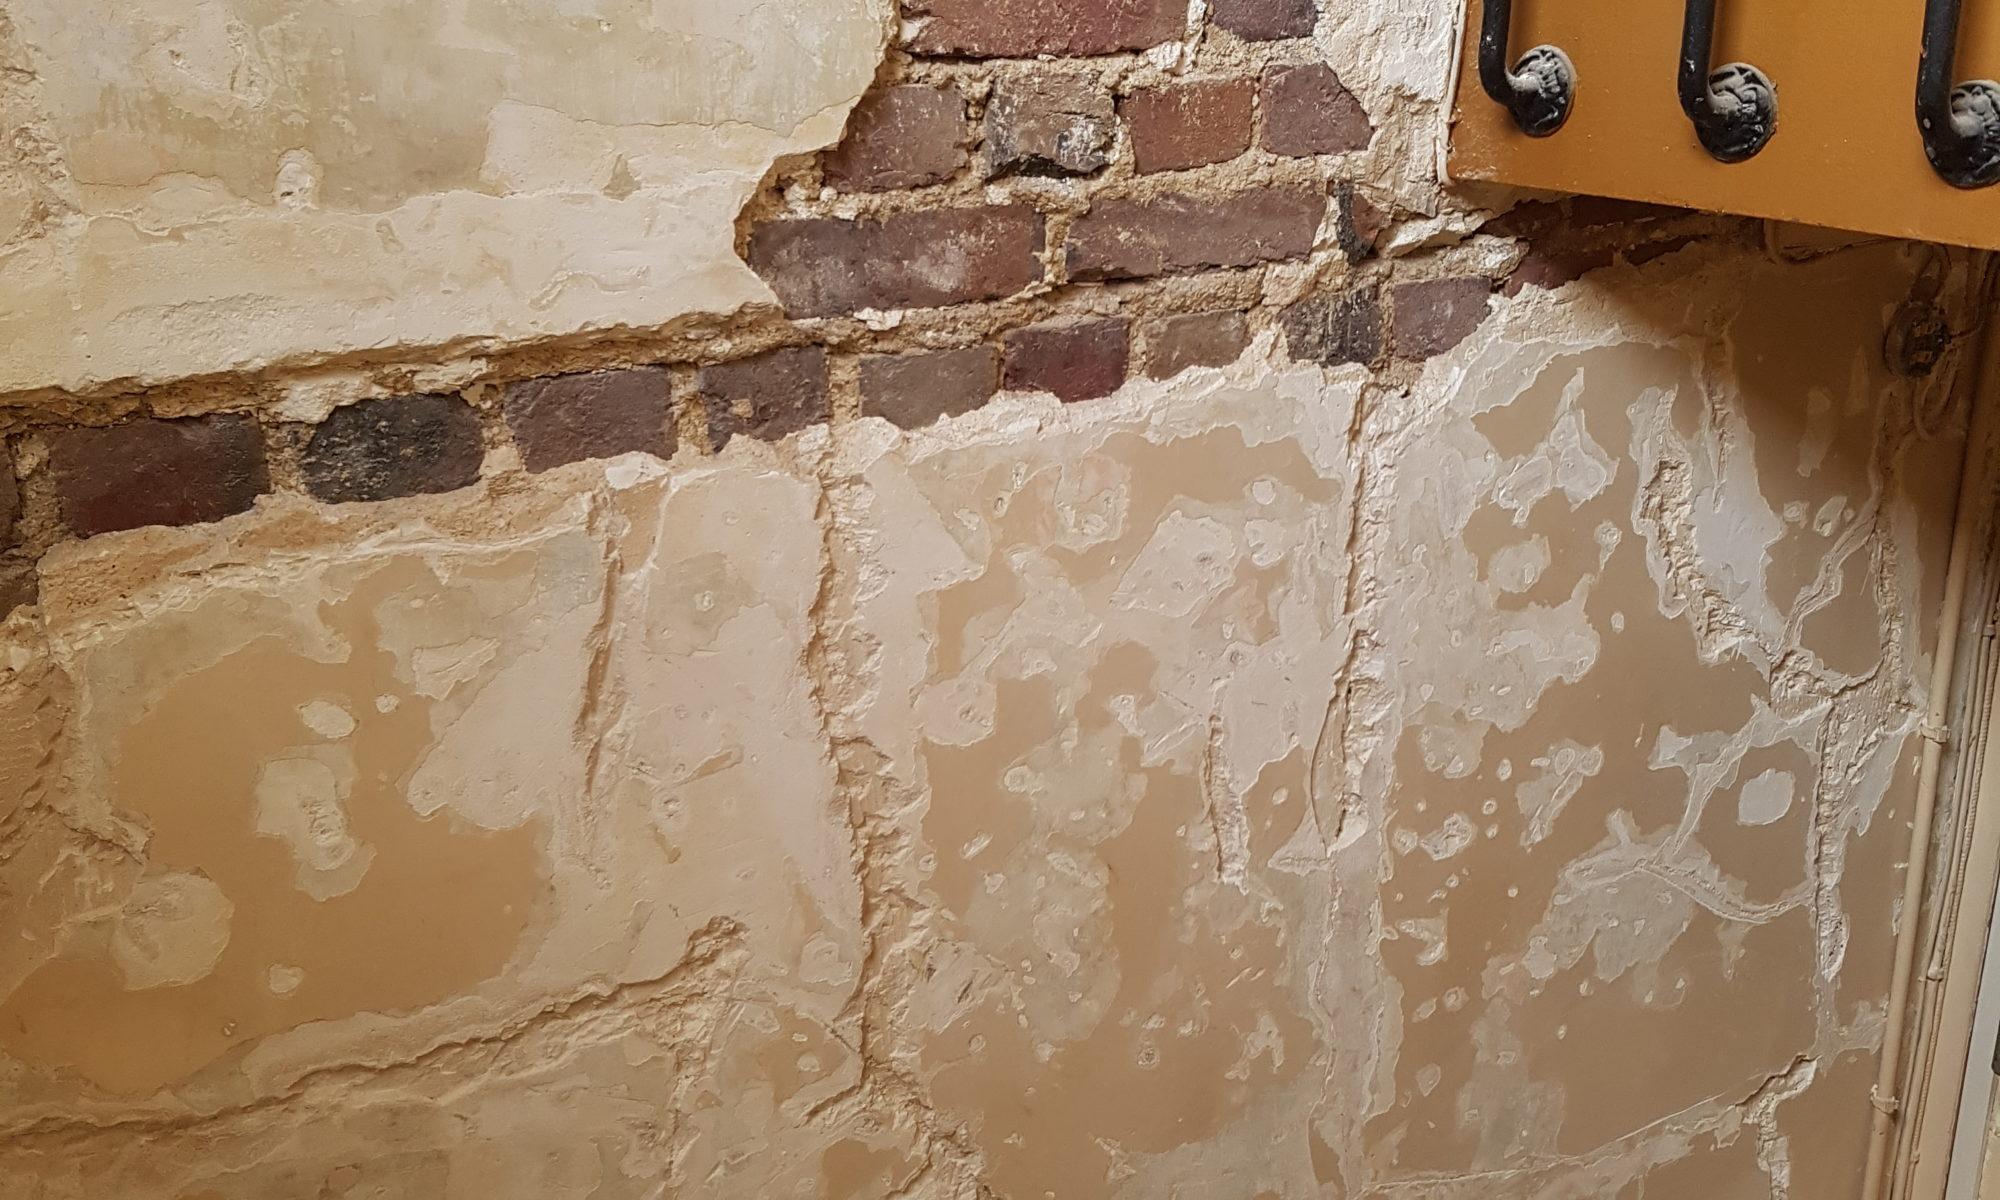 De la peinture des murs de la cage d escalier travaux de peinture - Peinture mur escalier ...